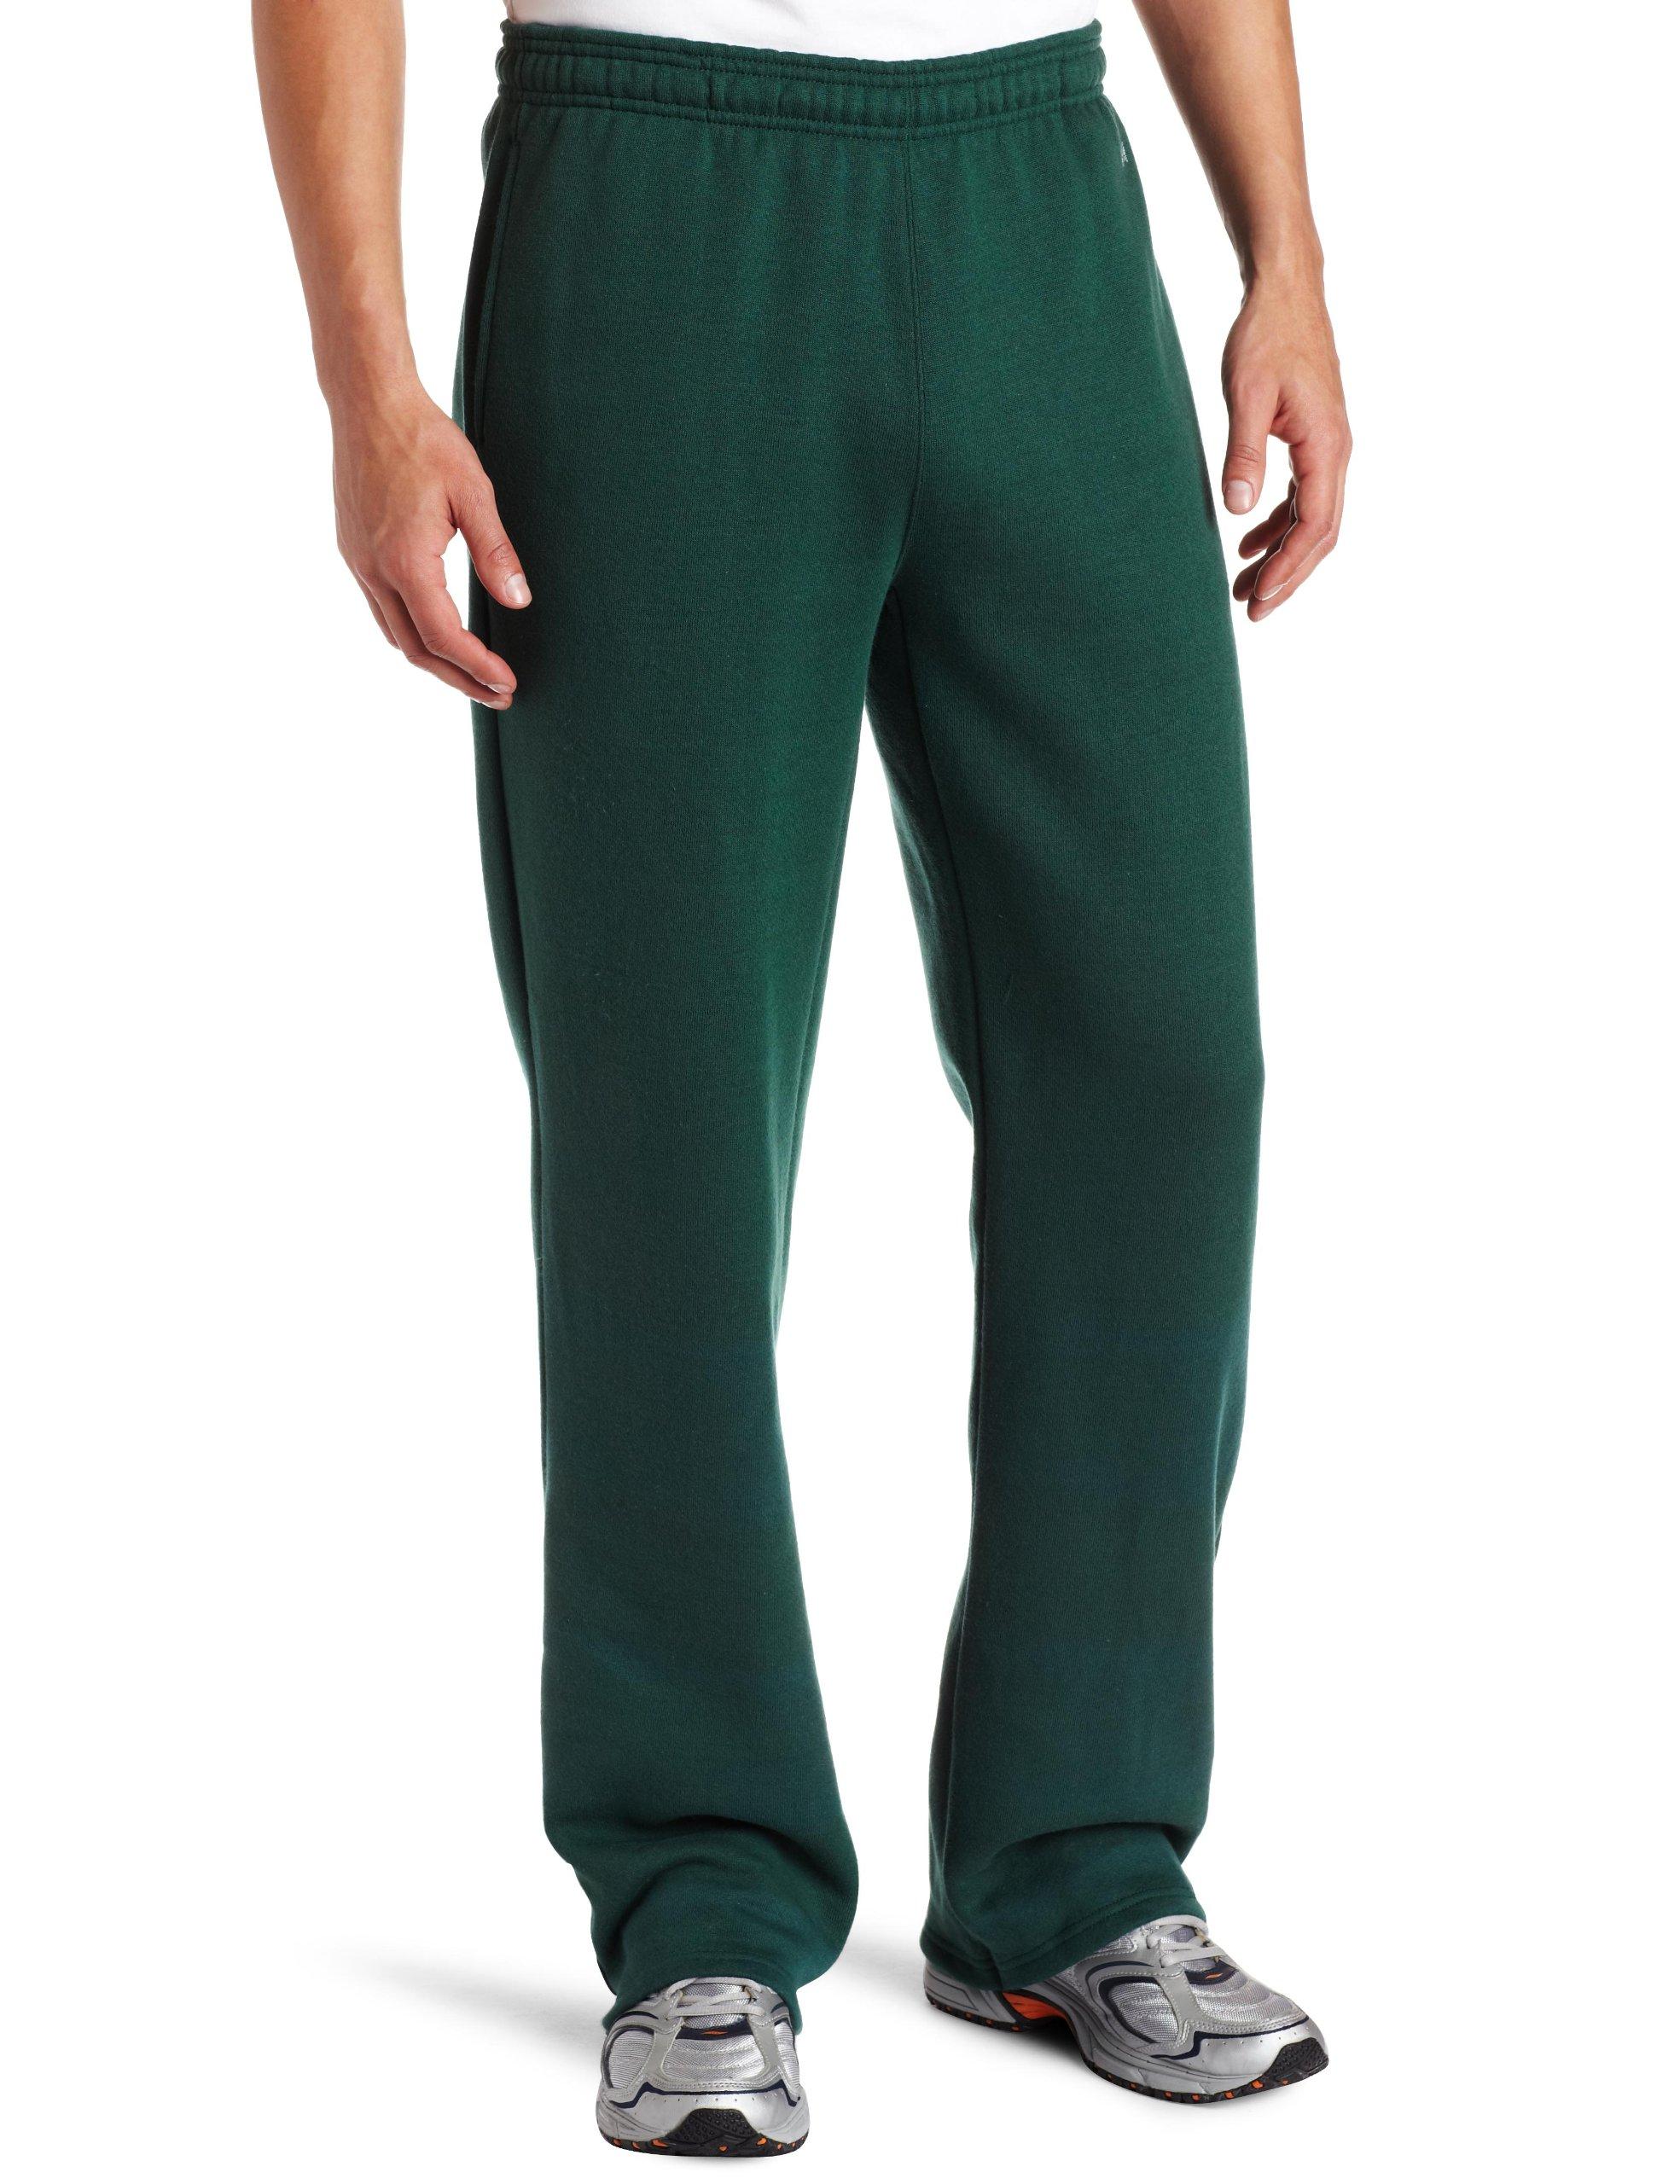 Soffe MJ Men's Training Fleece Pocket Pant, Dark Green, Small